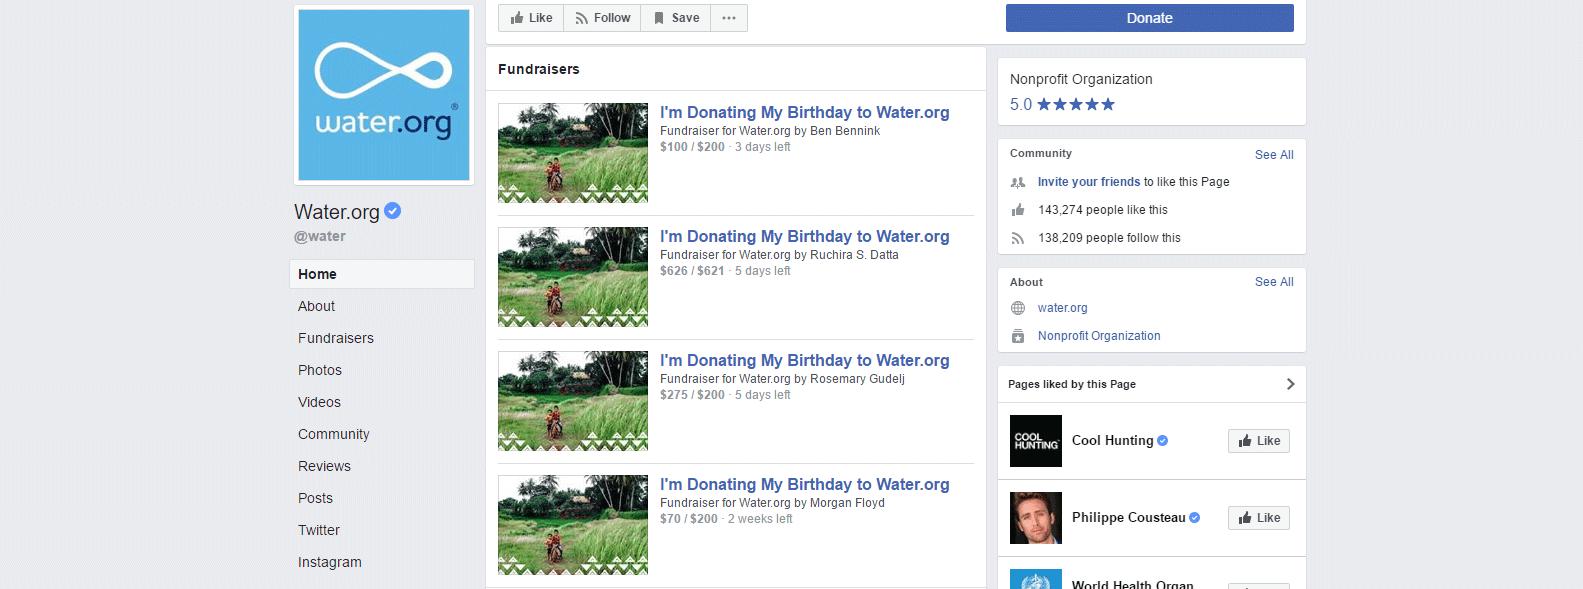 Water.org Facebook